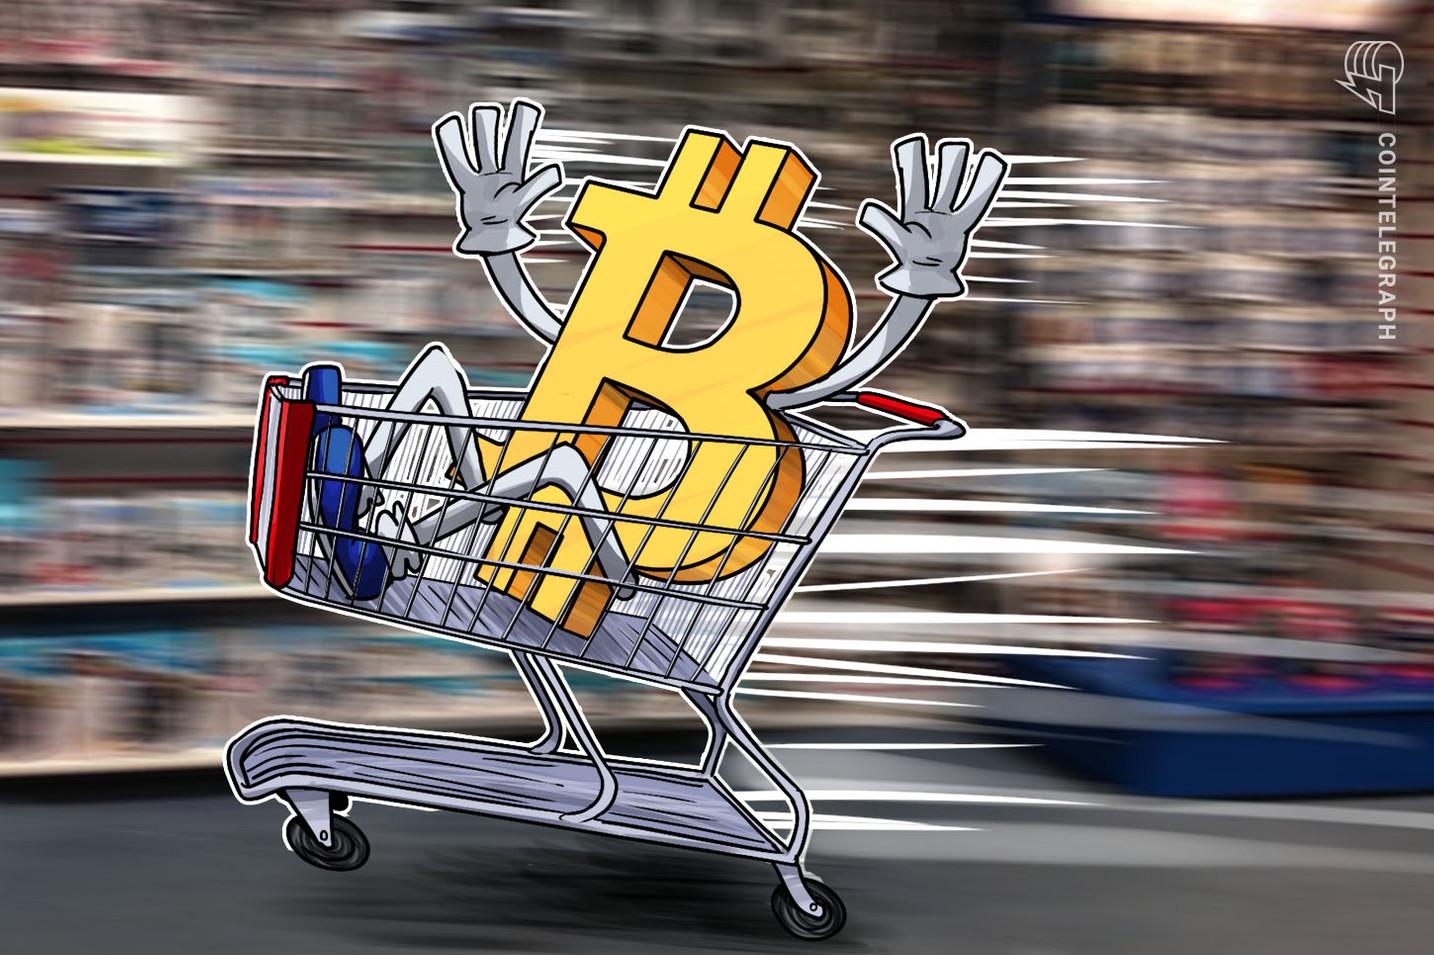 La tasa de hash de Bitcoin alcanza 80 quintillones por primera vez